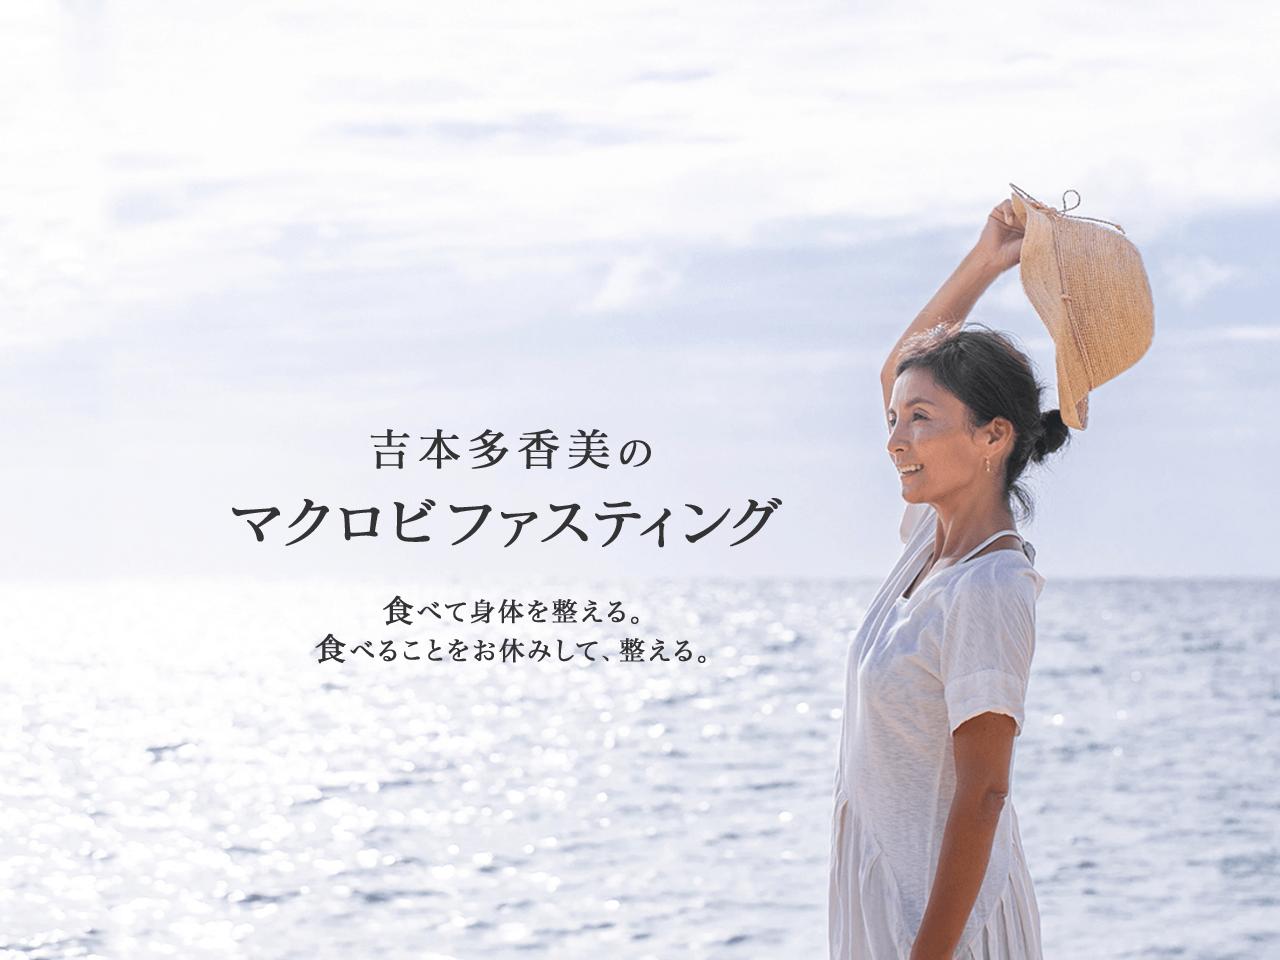 吉本多香美のマクロビファスティング 石垣島 断食 体質改善